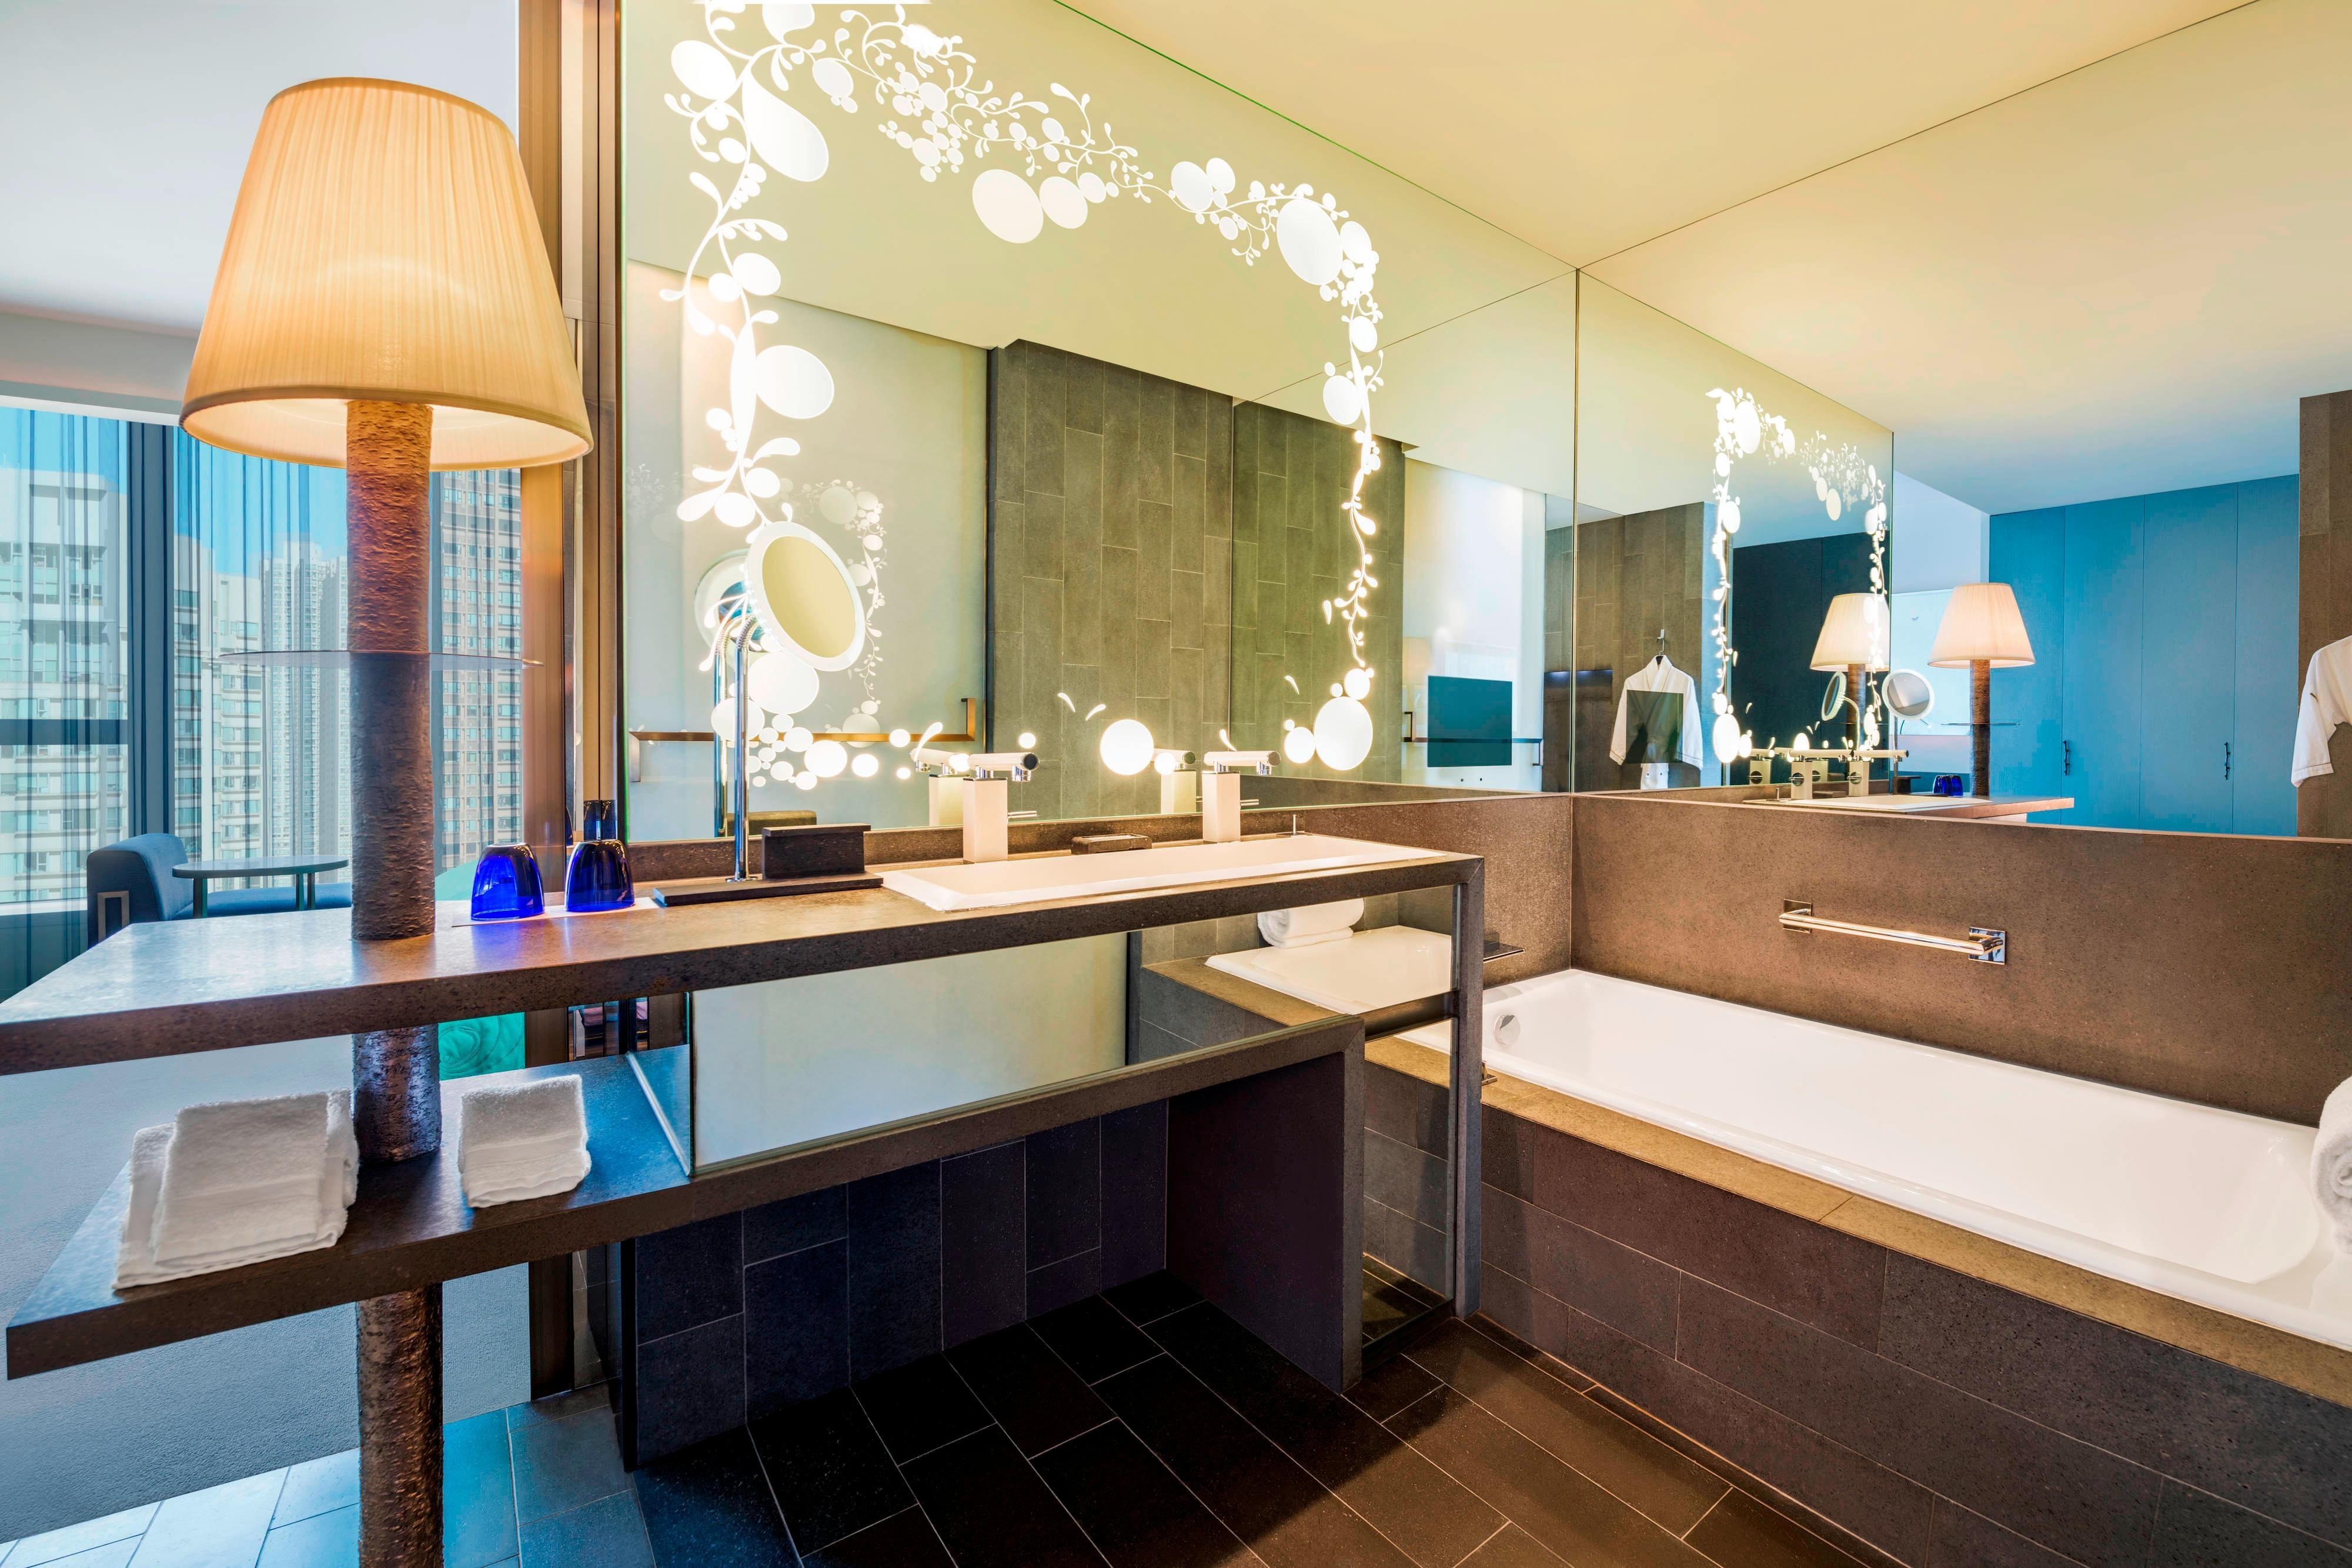 Guest Room - Wonderful Room Bathroom